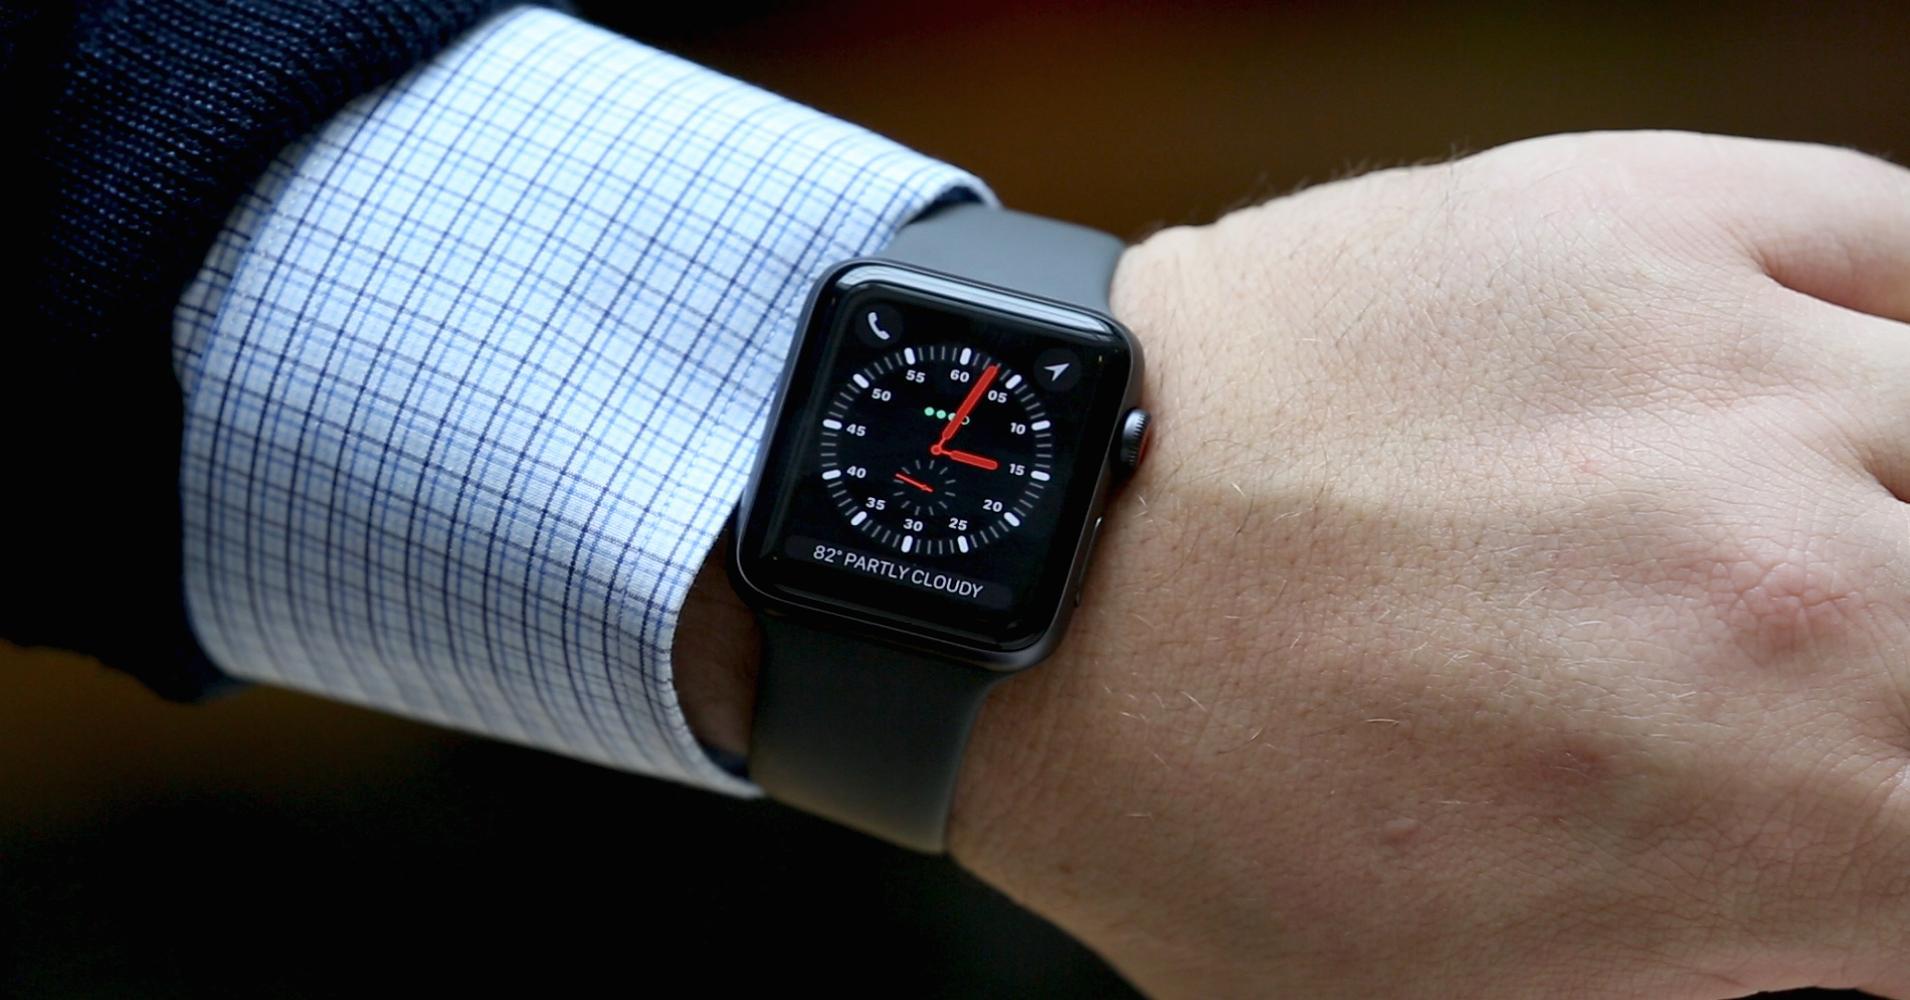 دليلك للمقارنة بين الساعات الذكية الأفضل في الأسواق